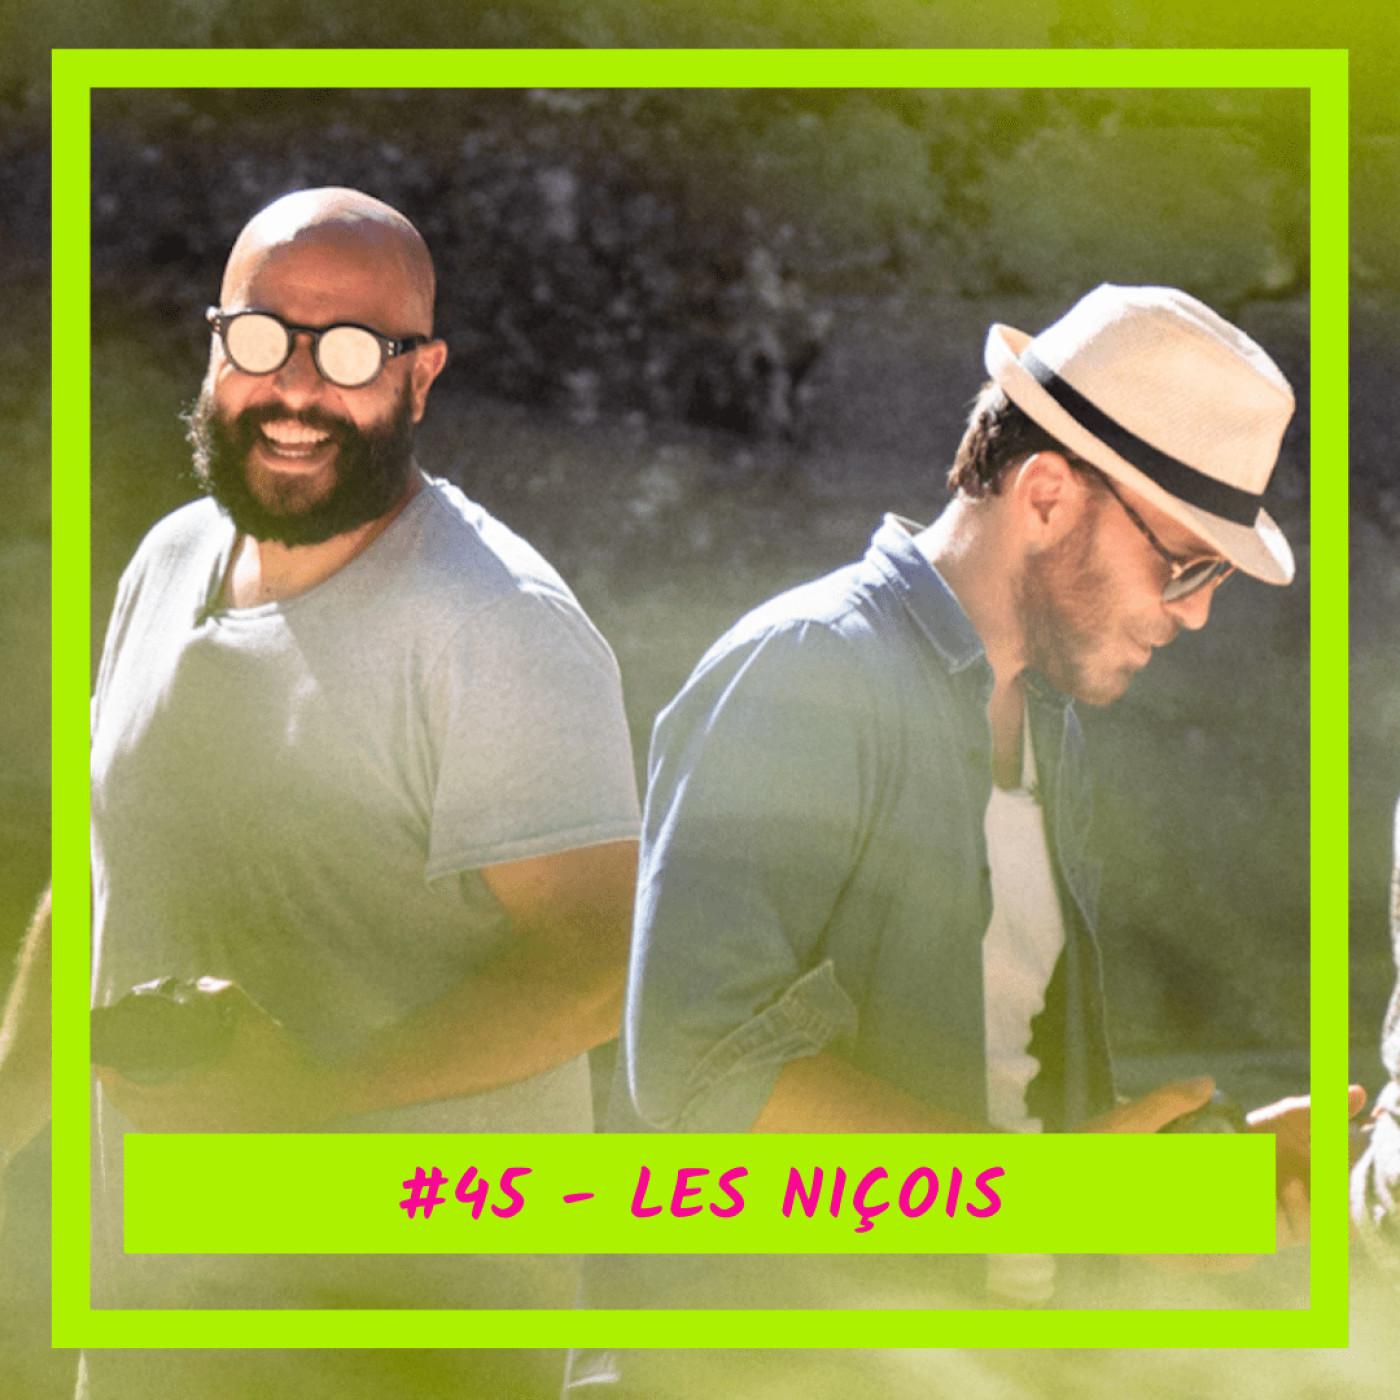 #45 - Les Niçois: Les ambassadeurs de la cuisine méditerranéenne, de la restauration à l'épicerie fun